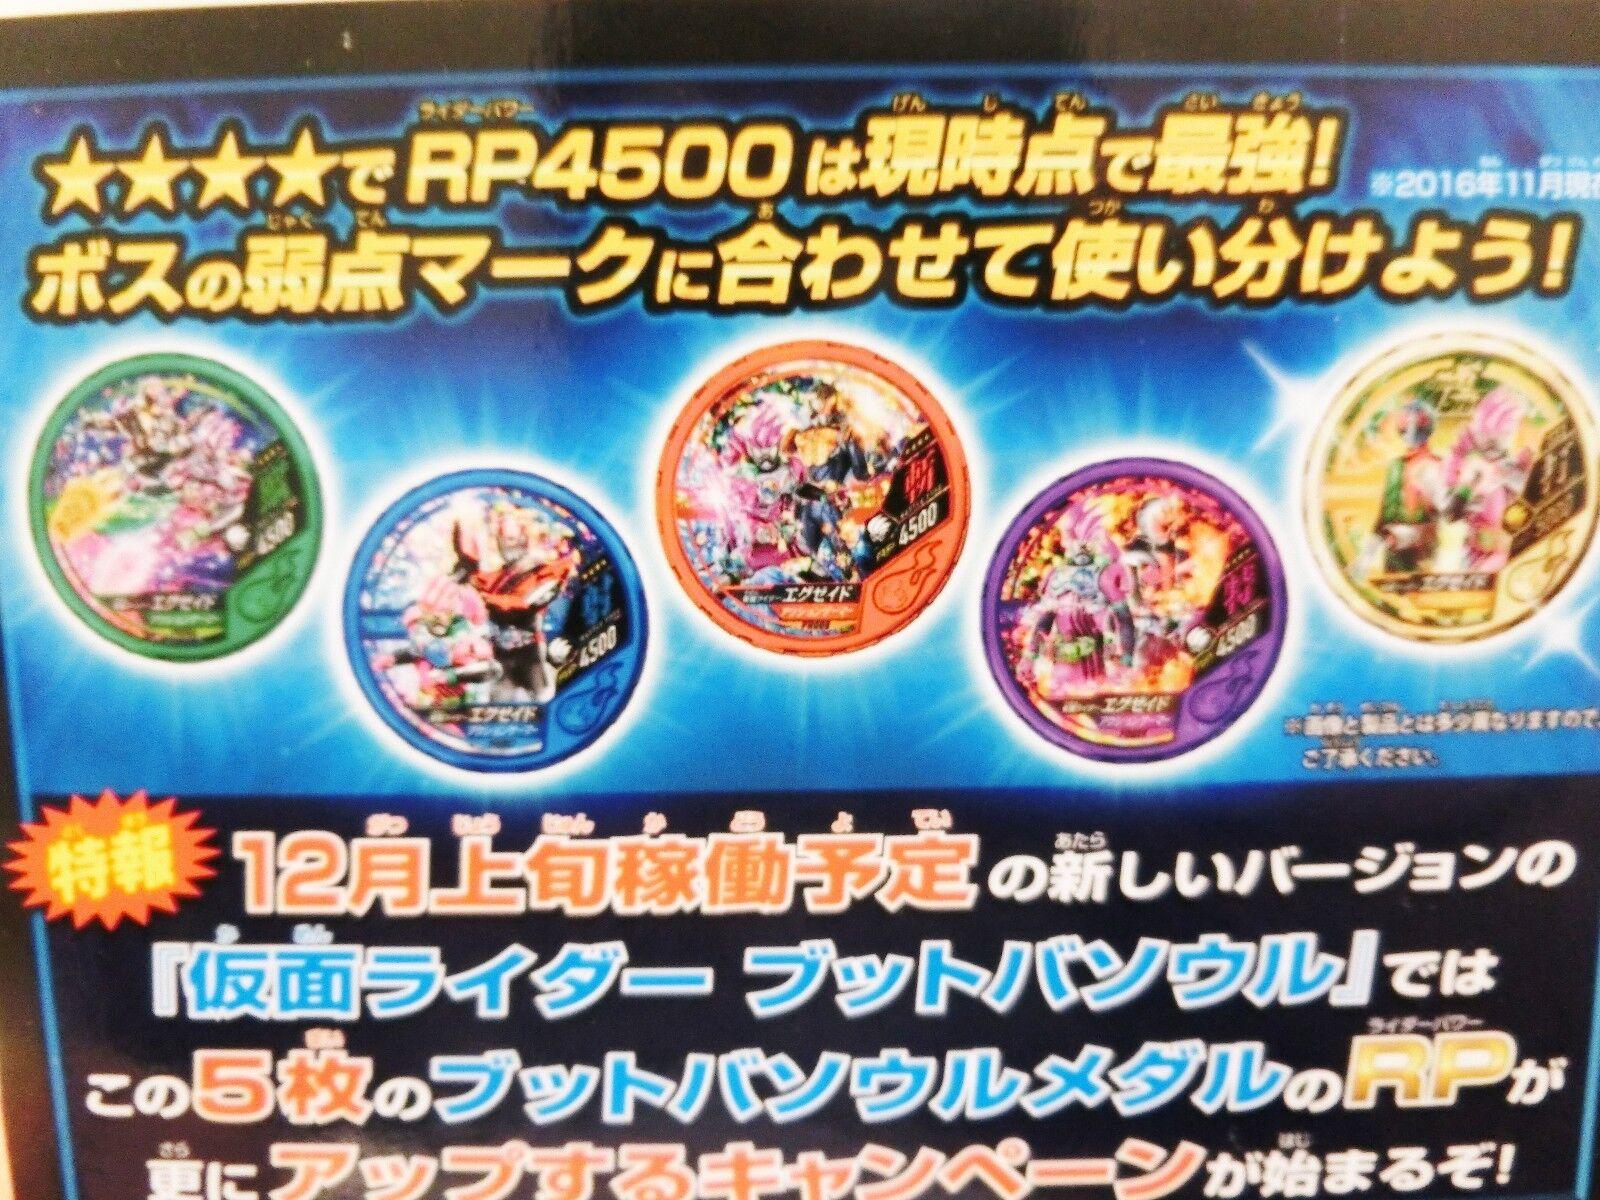 BANDAI BANDAI BANDAI Kamen Rider Ex-Aid Ghost Movie Wars 2017 Buttobrsoul 5 medals limited F S 7a9e8b